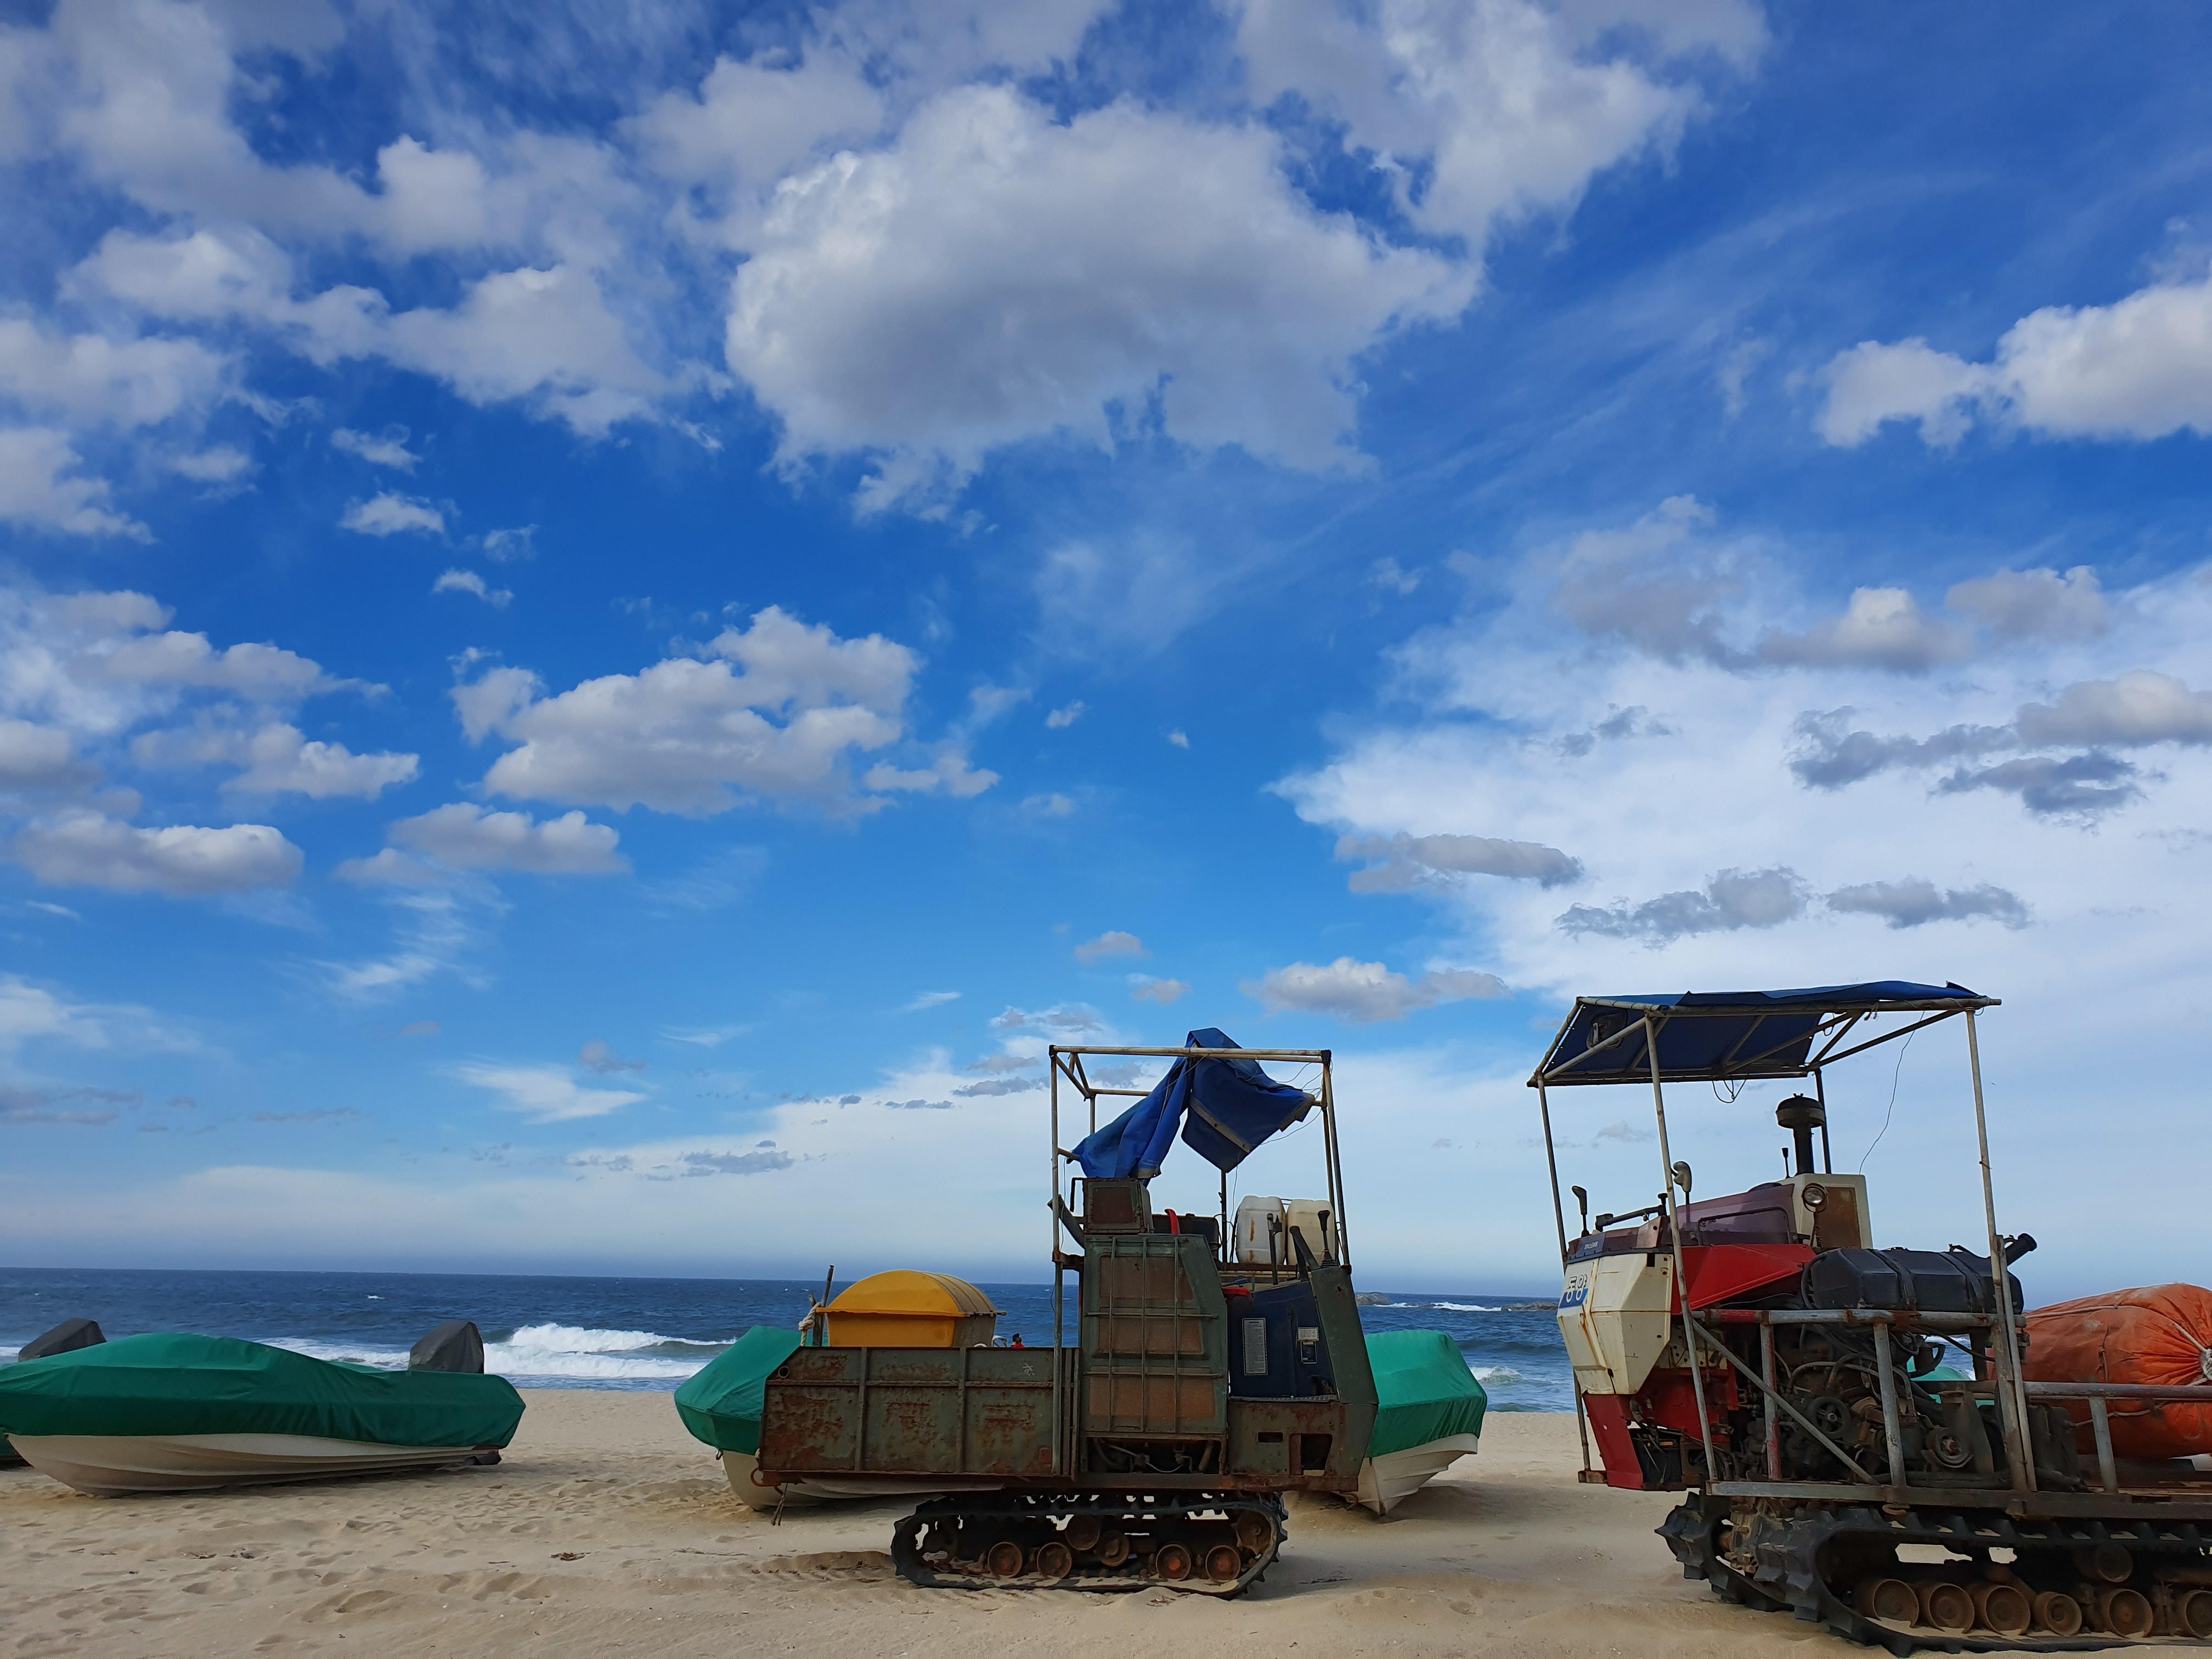 9월초 강릉 여행(5) : (태풍 지나가는) 동해 푸른 하늘, 아주 파란 하늘